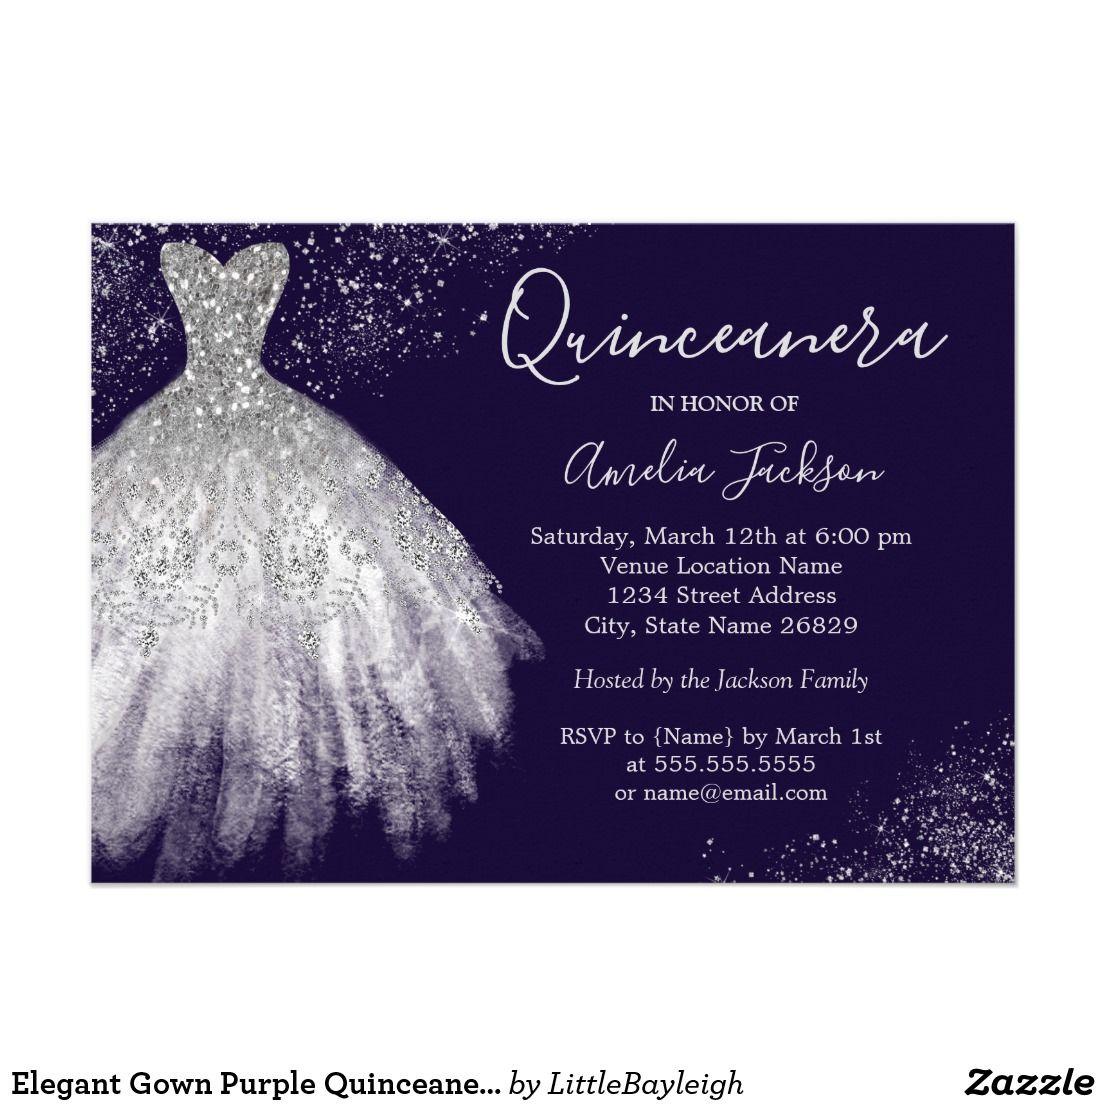 Elegant gown purple quinceanera invitation more pretty quinceanera elegant gown purple quinceanera invitation stopboris Choice Image